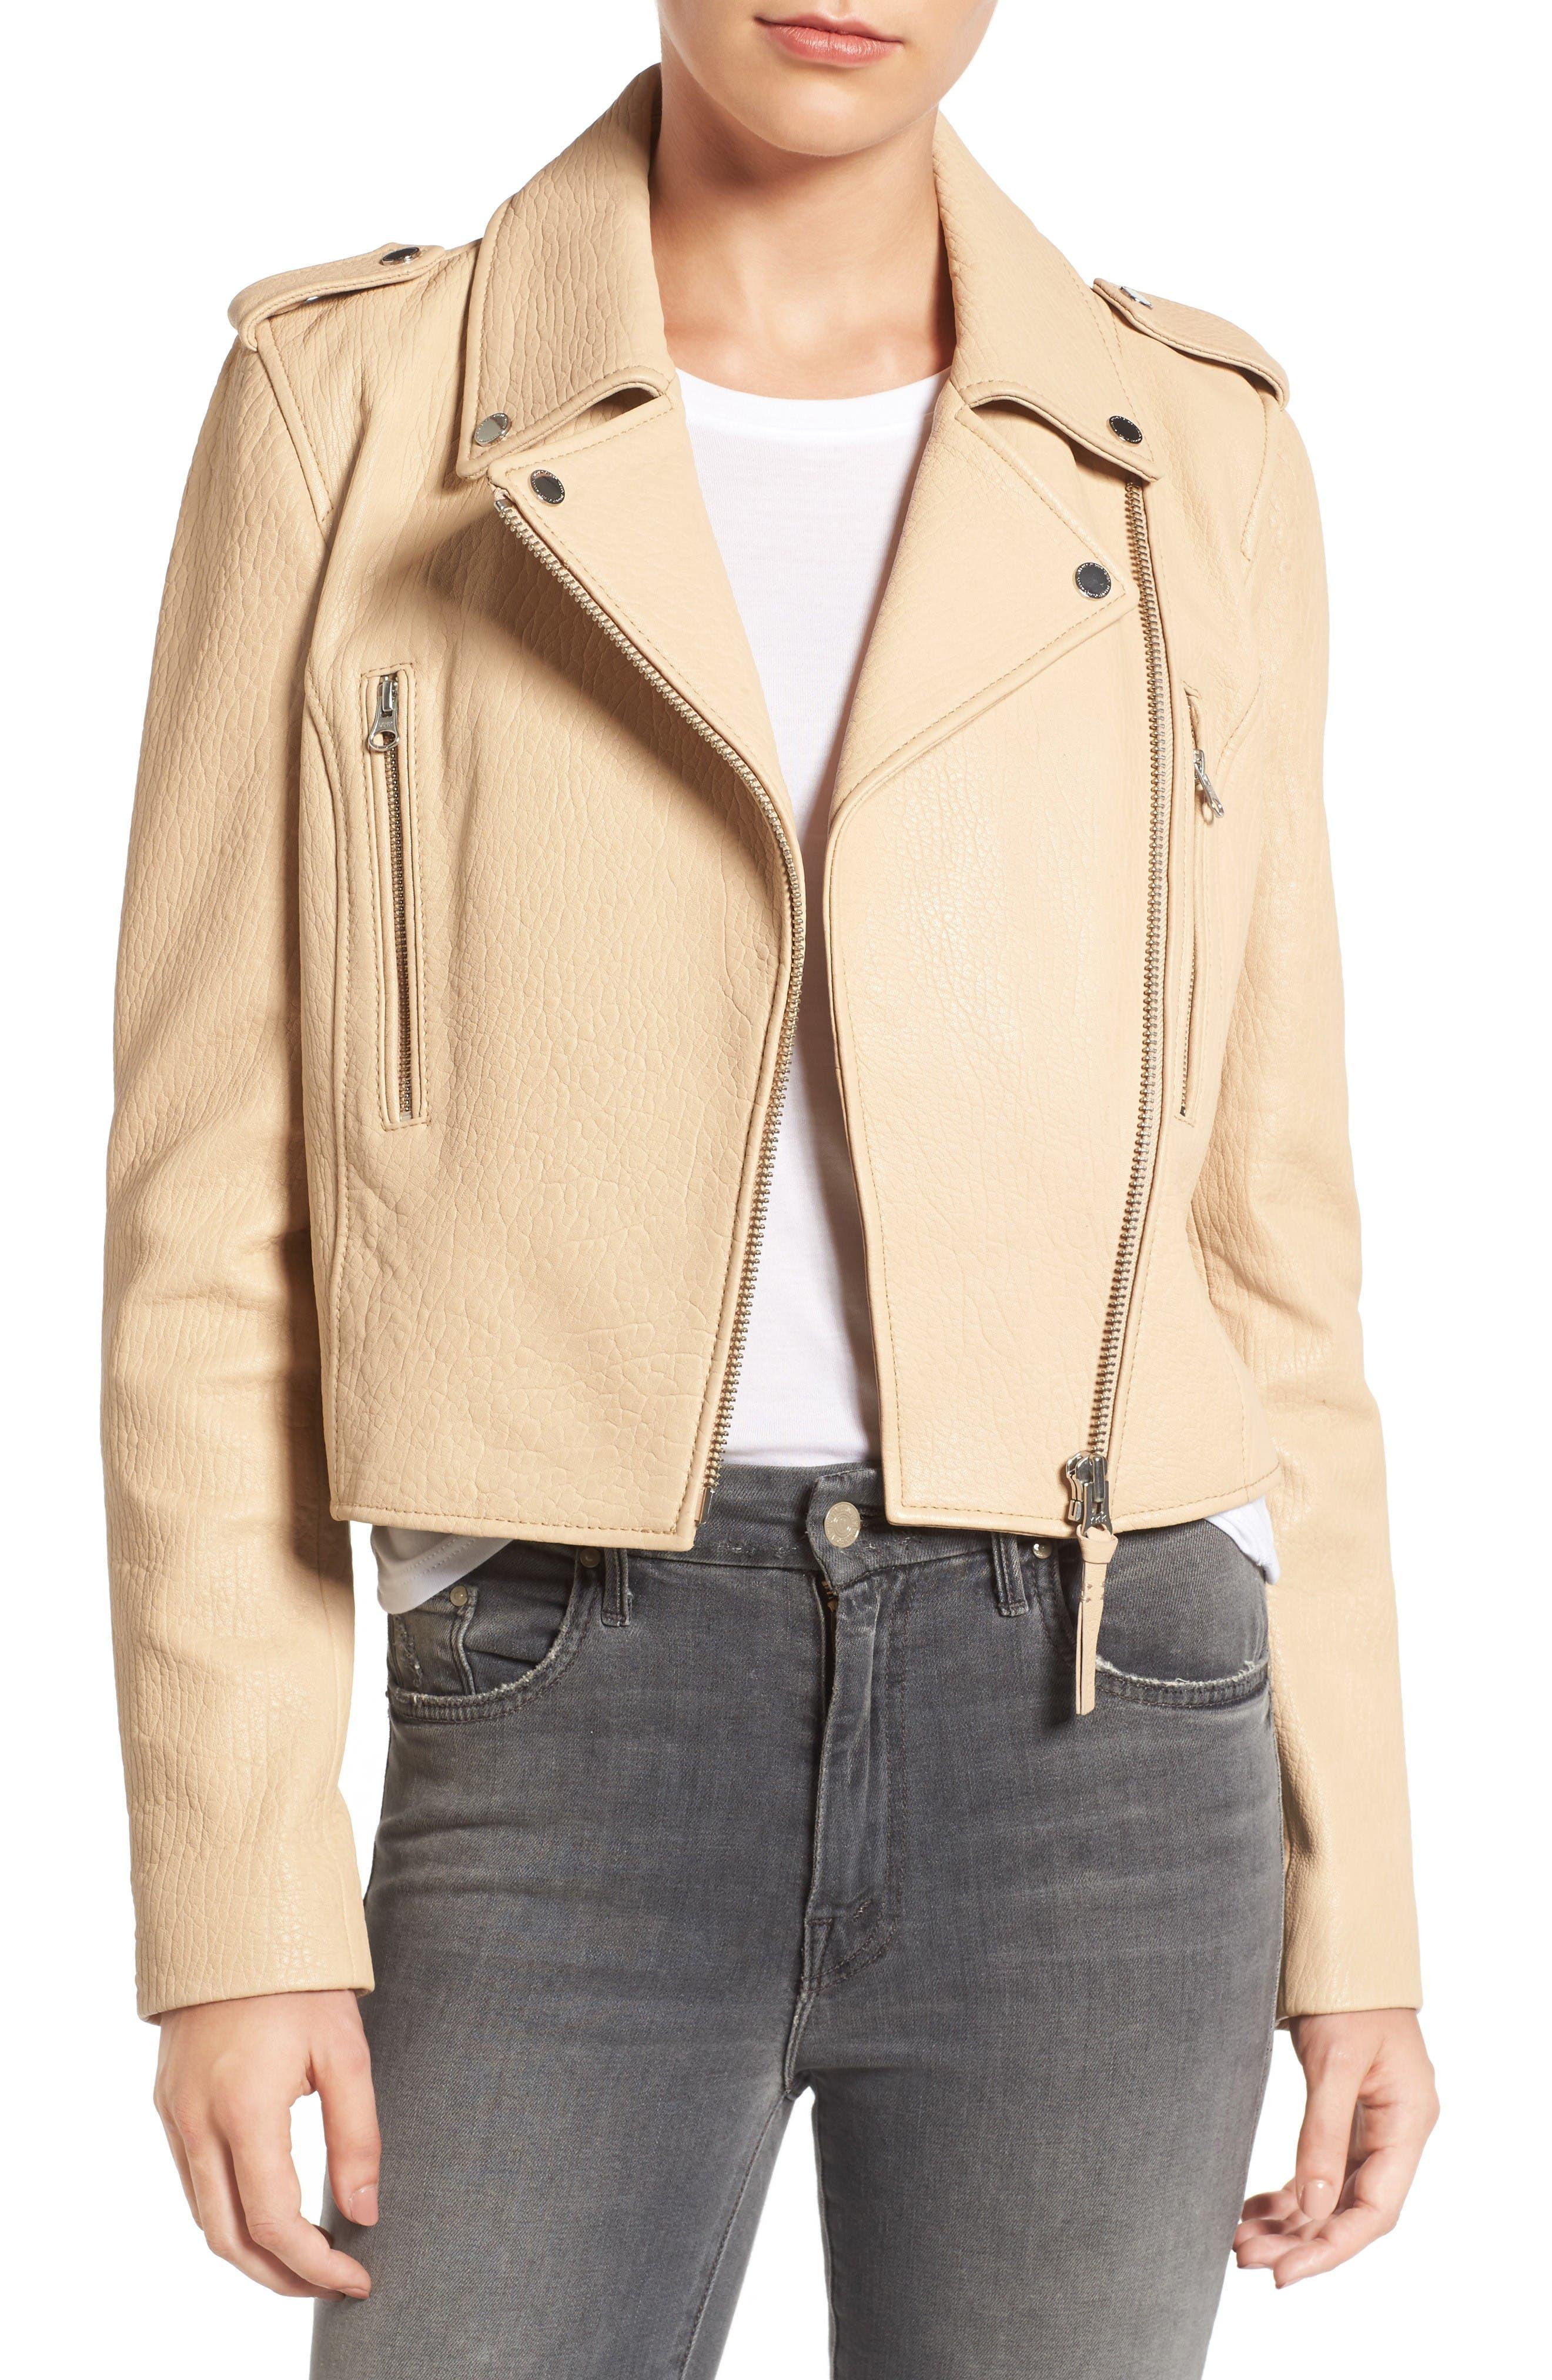 Alternate Image 1 Selected - Derek Lam 10 Crosby Leather Moto Jacket